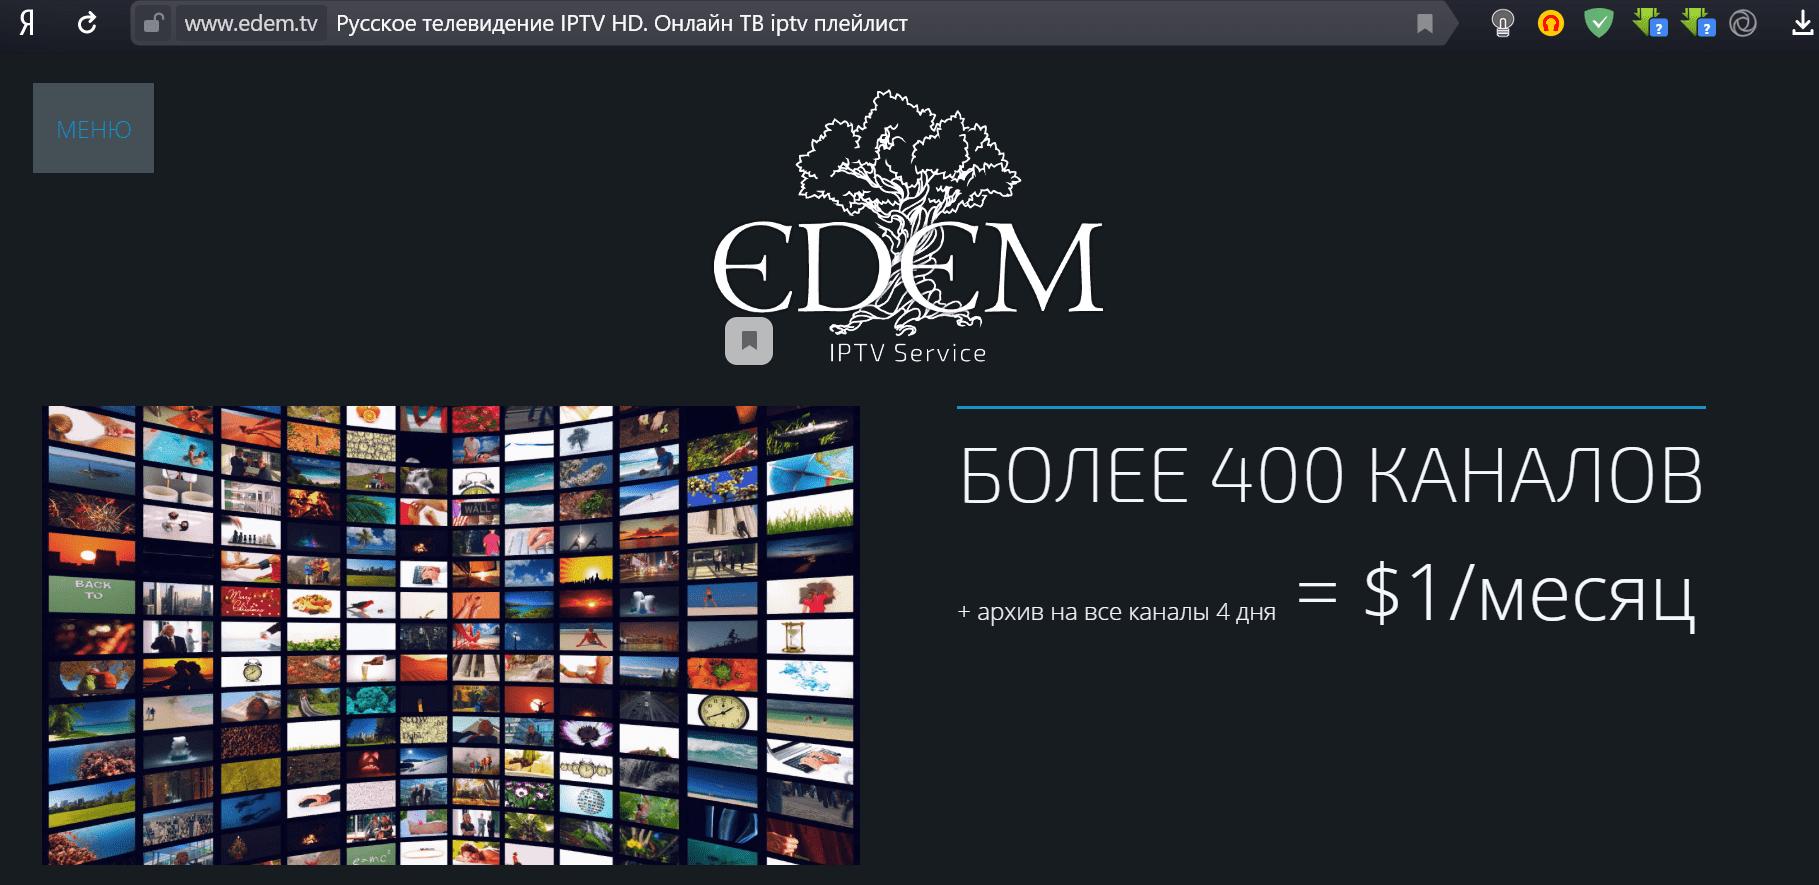 EDEM TV